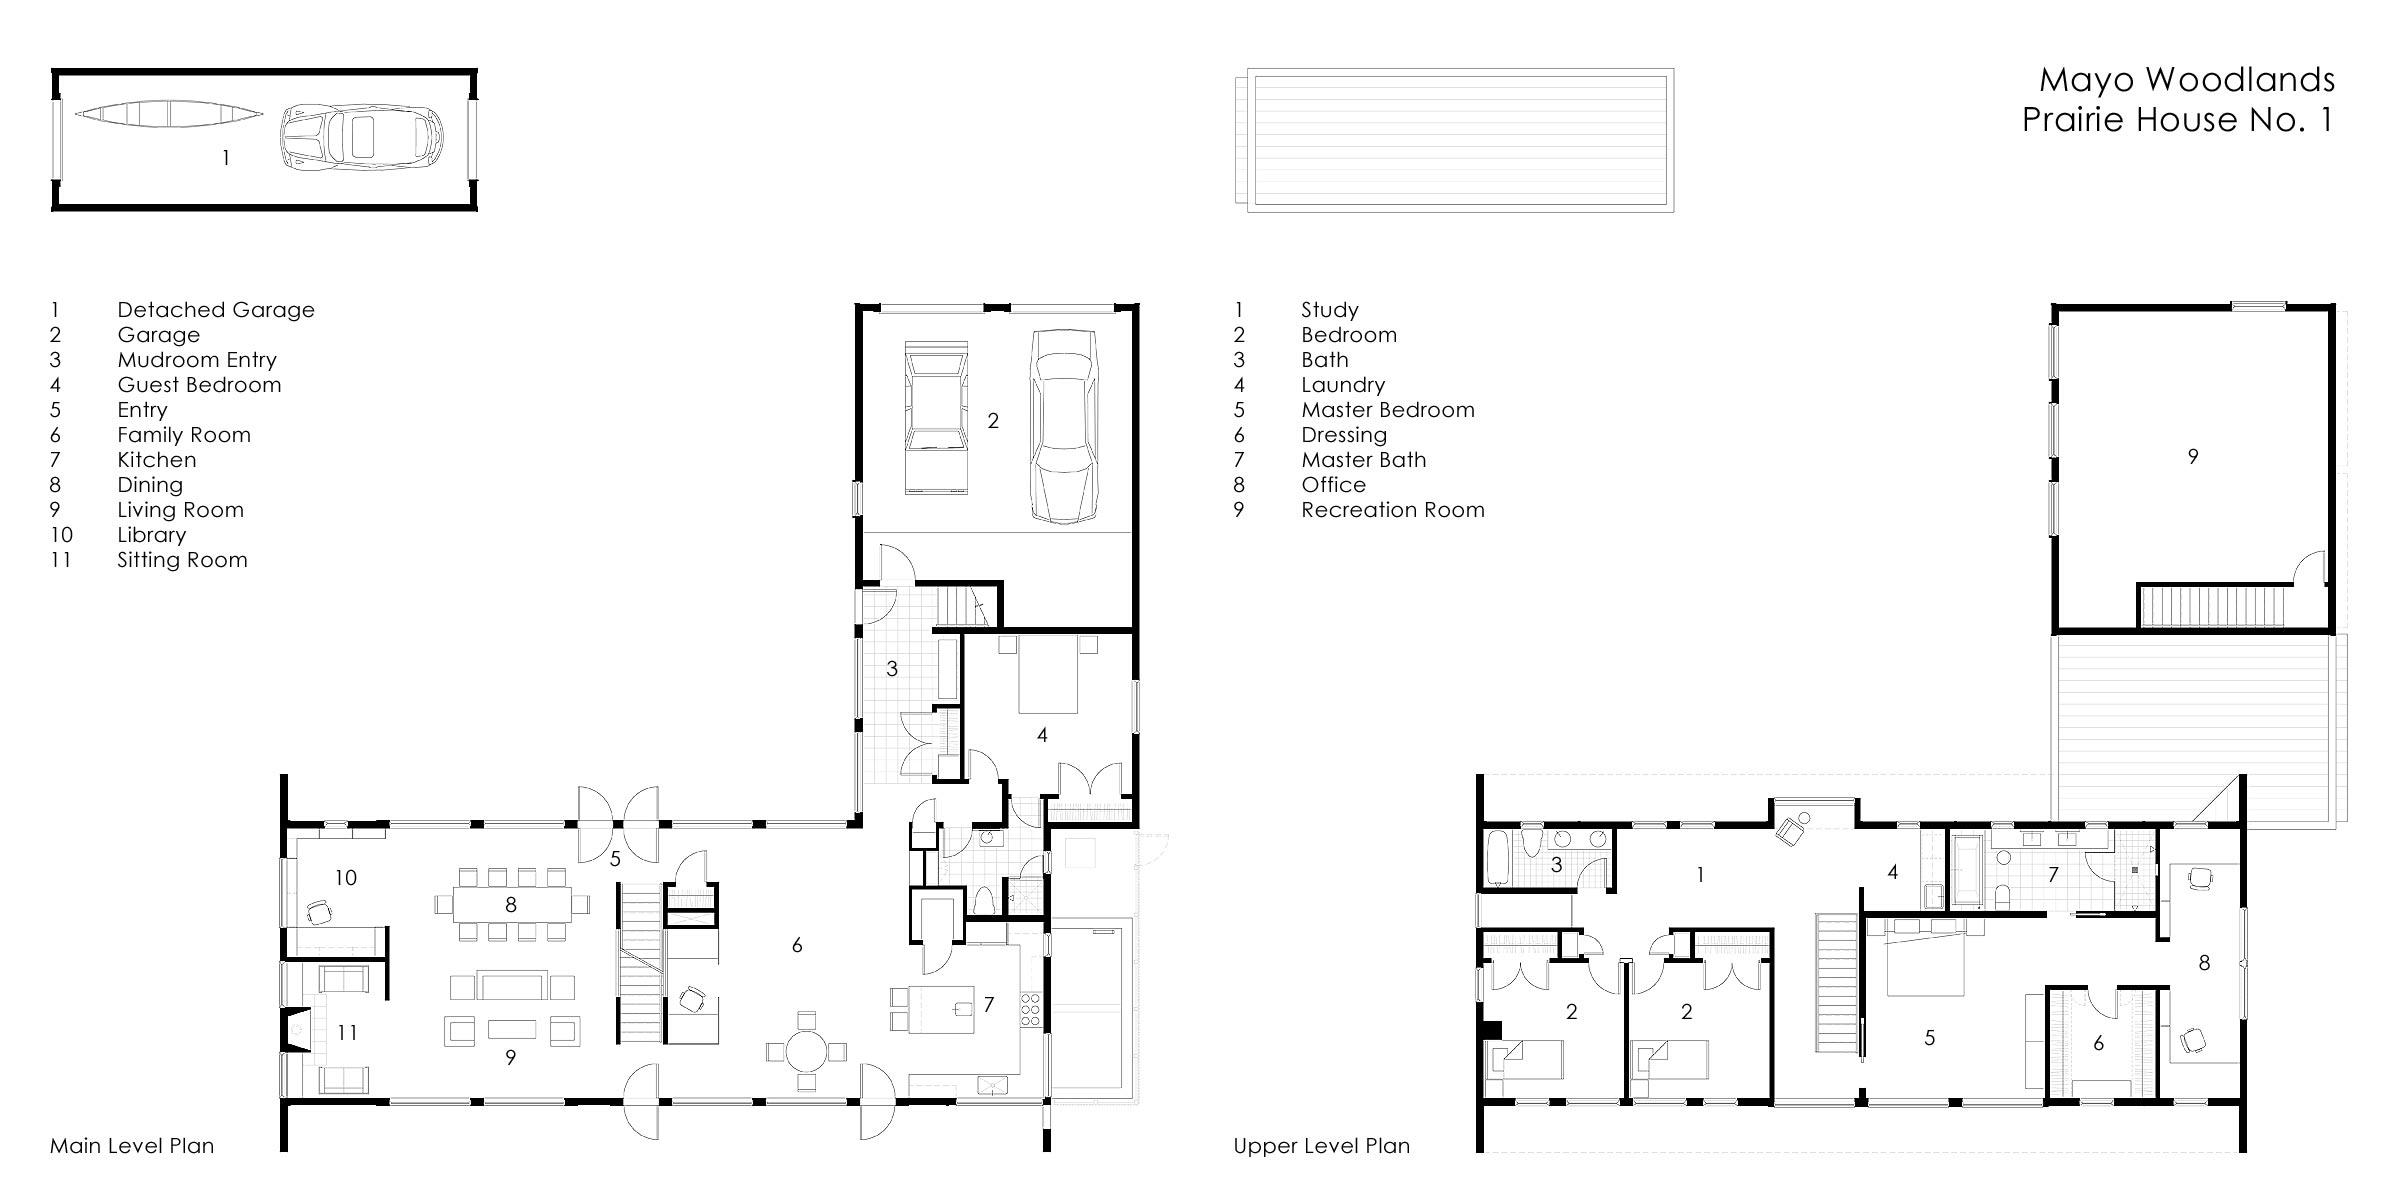 ALTUS-prairie-house-1-floor-plans.jpg